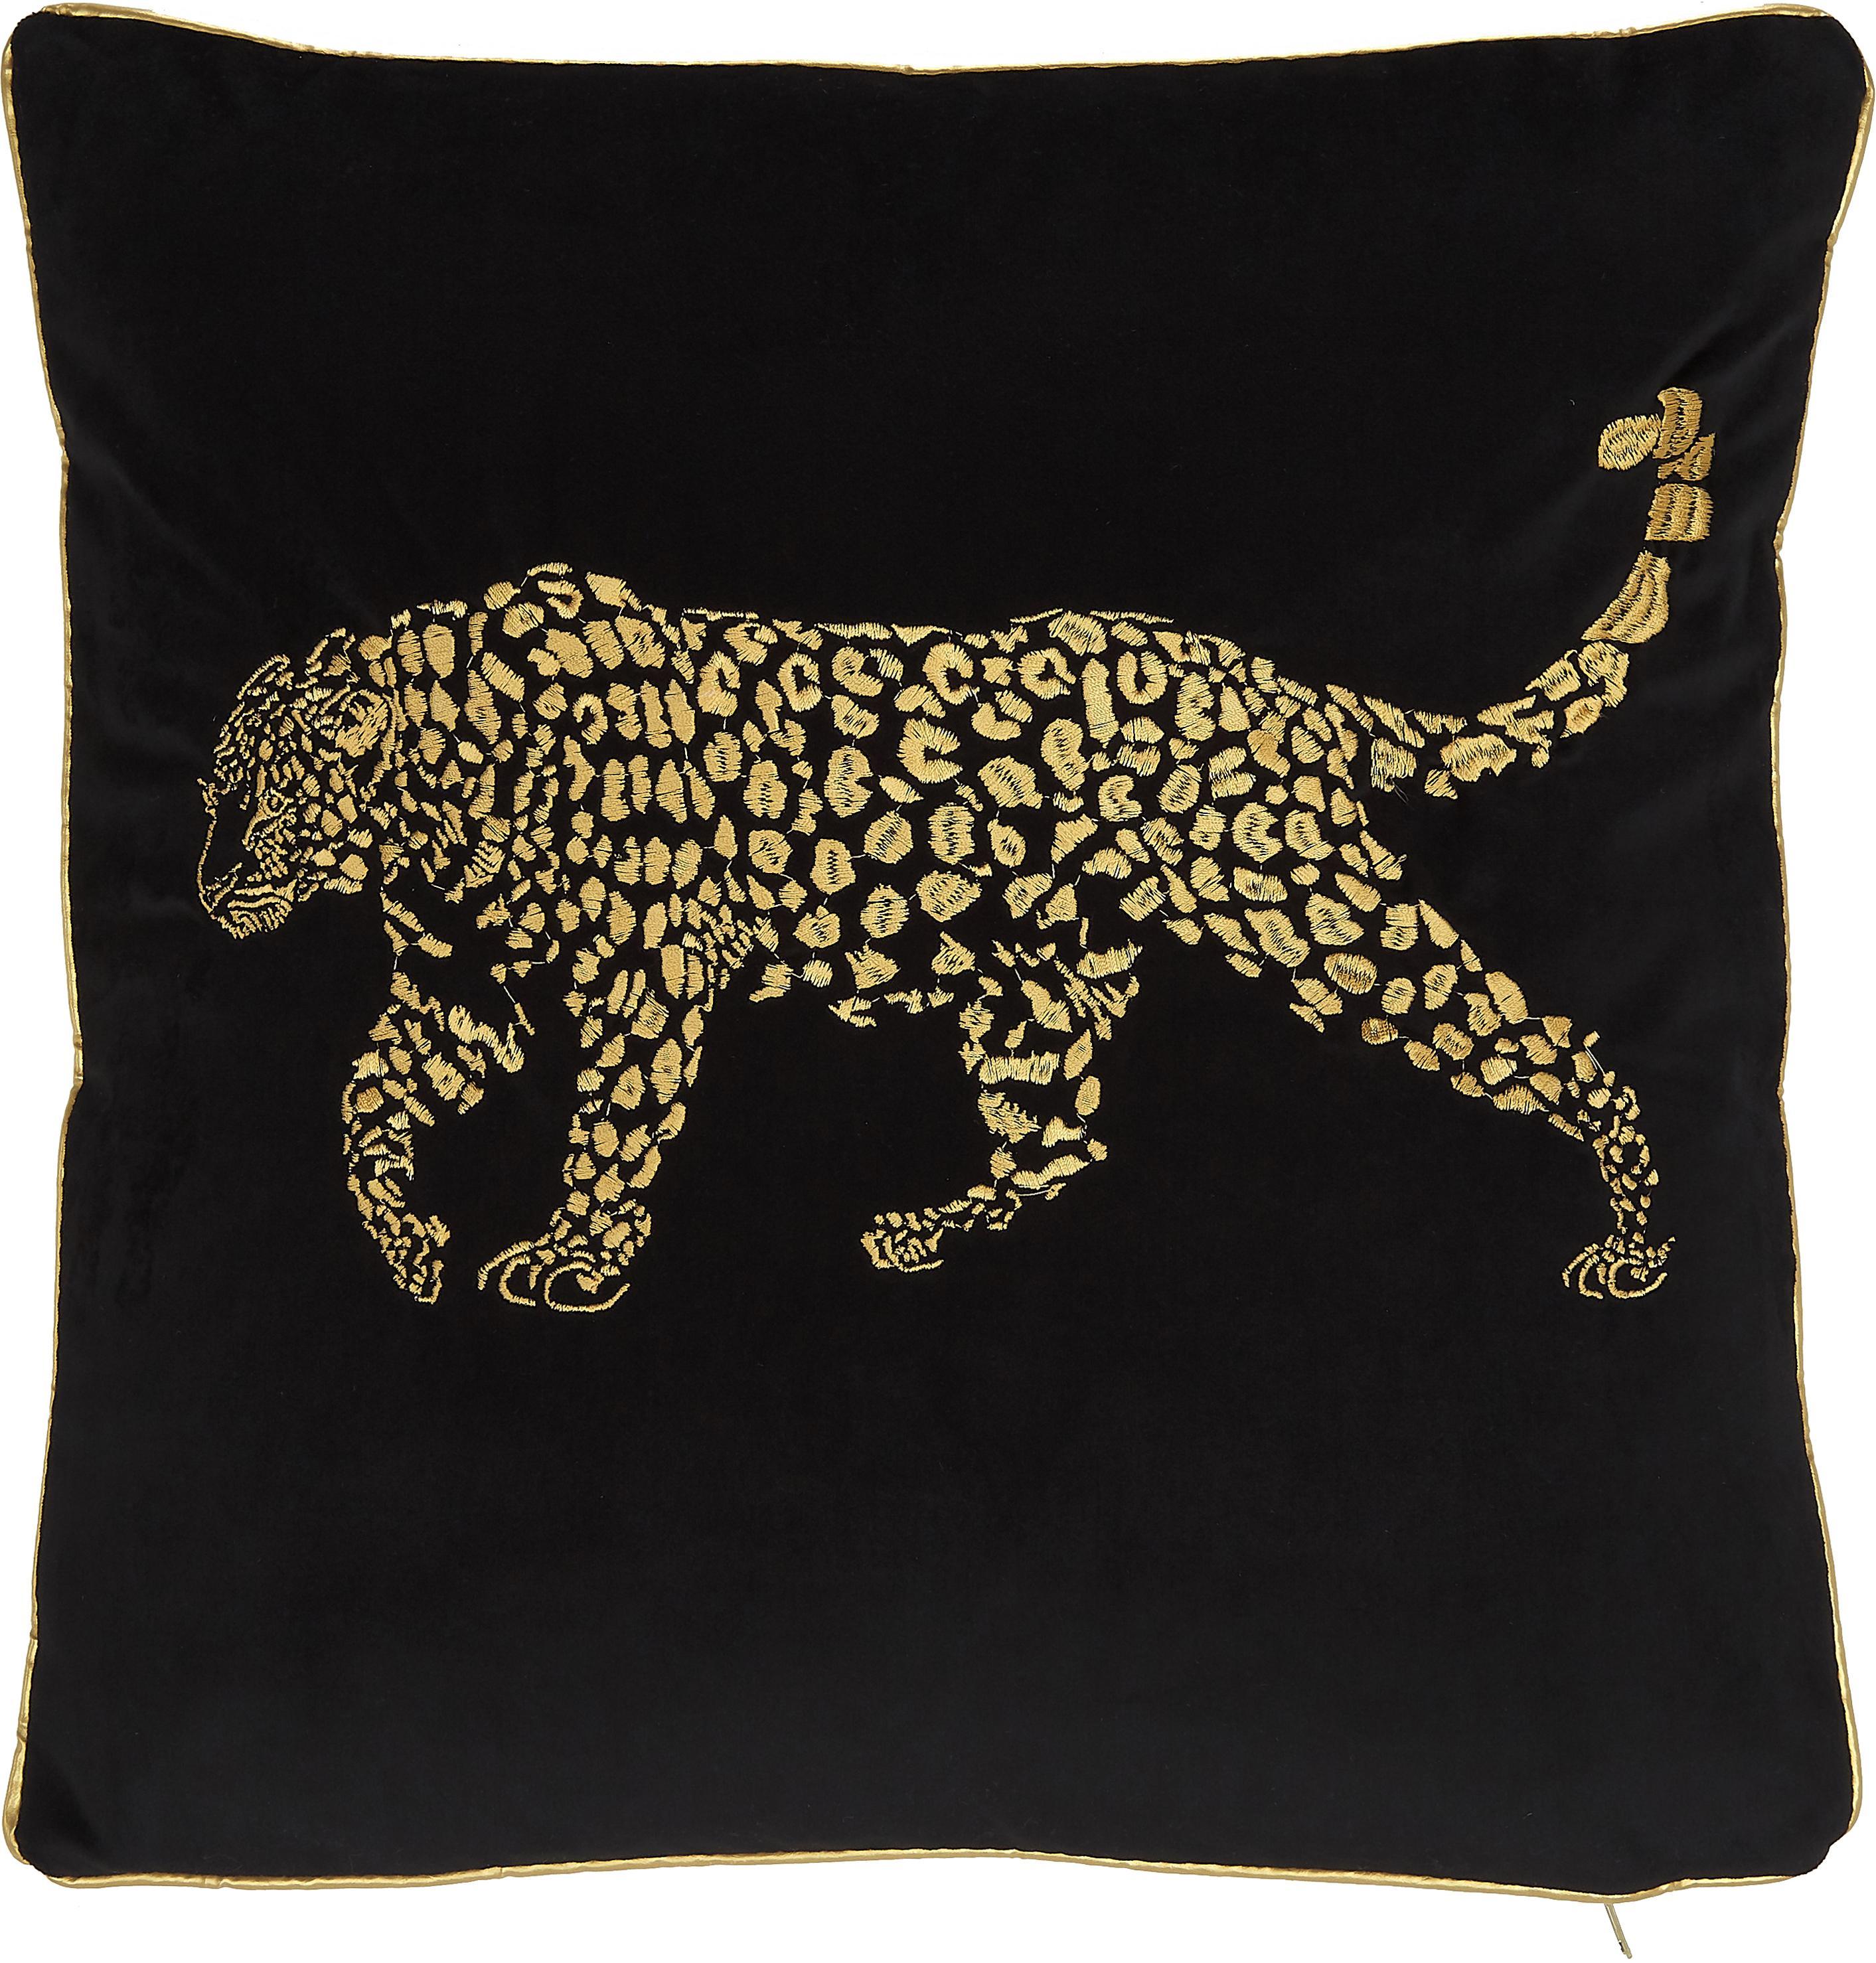 Haftowana poduszka z aksamitu z wypełnieniem Majestic Leopard, 100% aksamit (poliester), Czarny, odcienie złotego, S 45 x D 45 cm